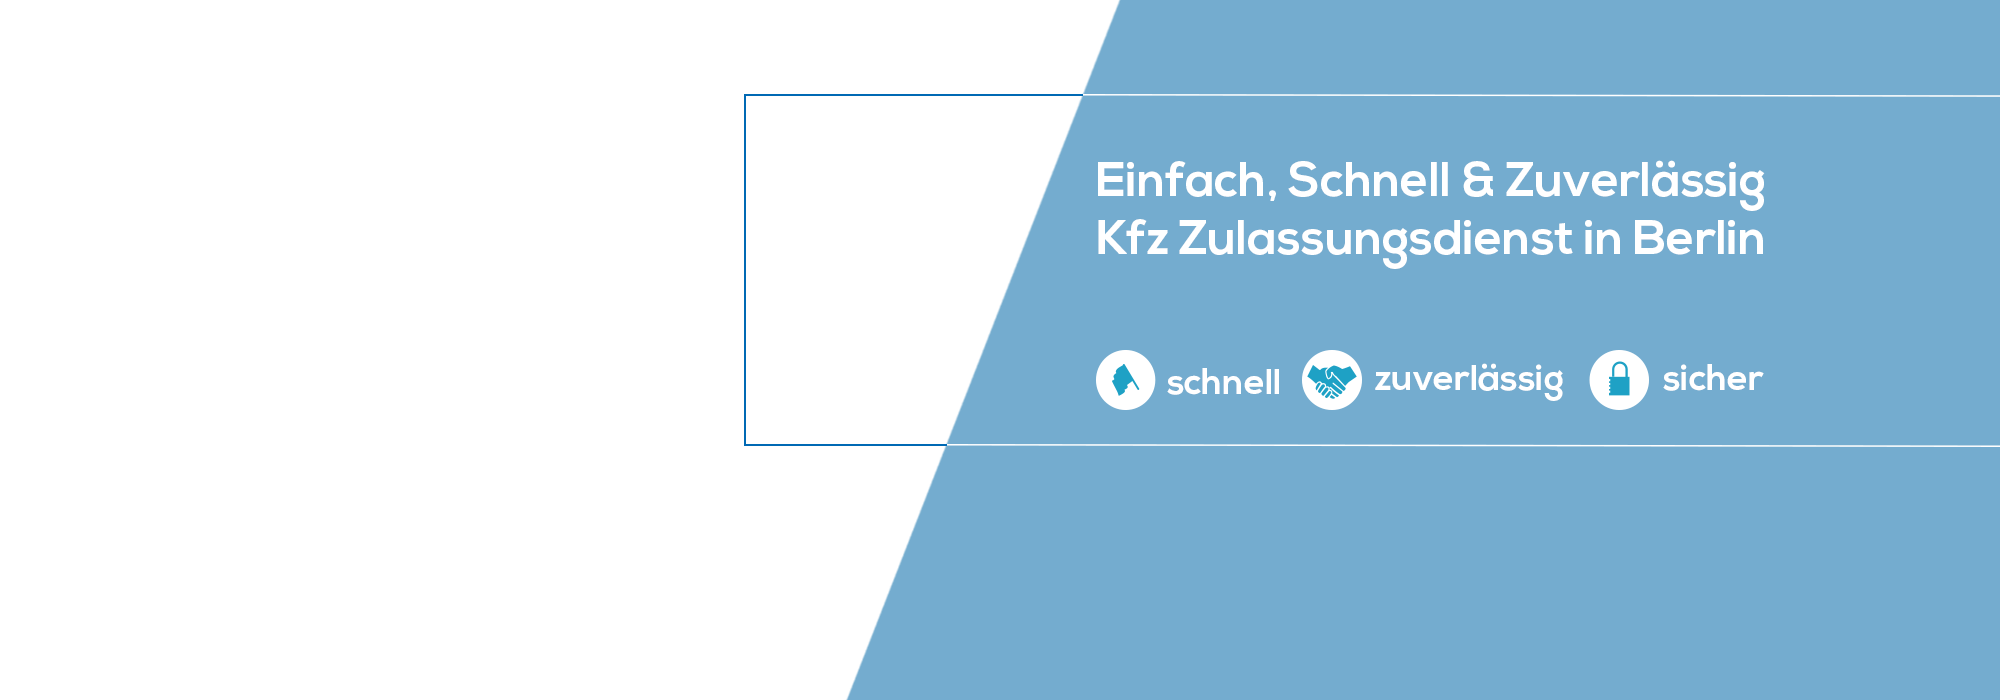 """Slider Text - """"Einfach, Schnell und zuverlässig. Kfz Zulassungsservice in Berlin"""""""